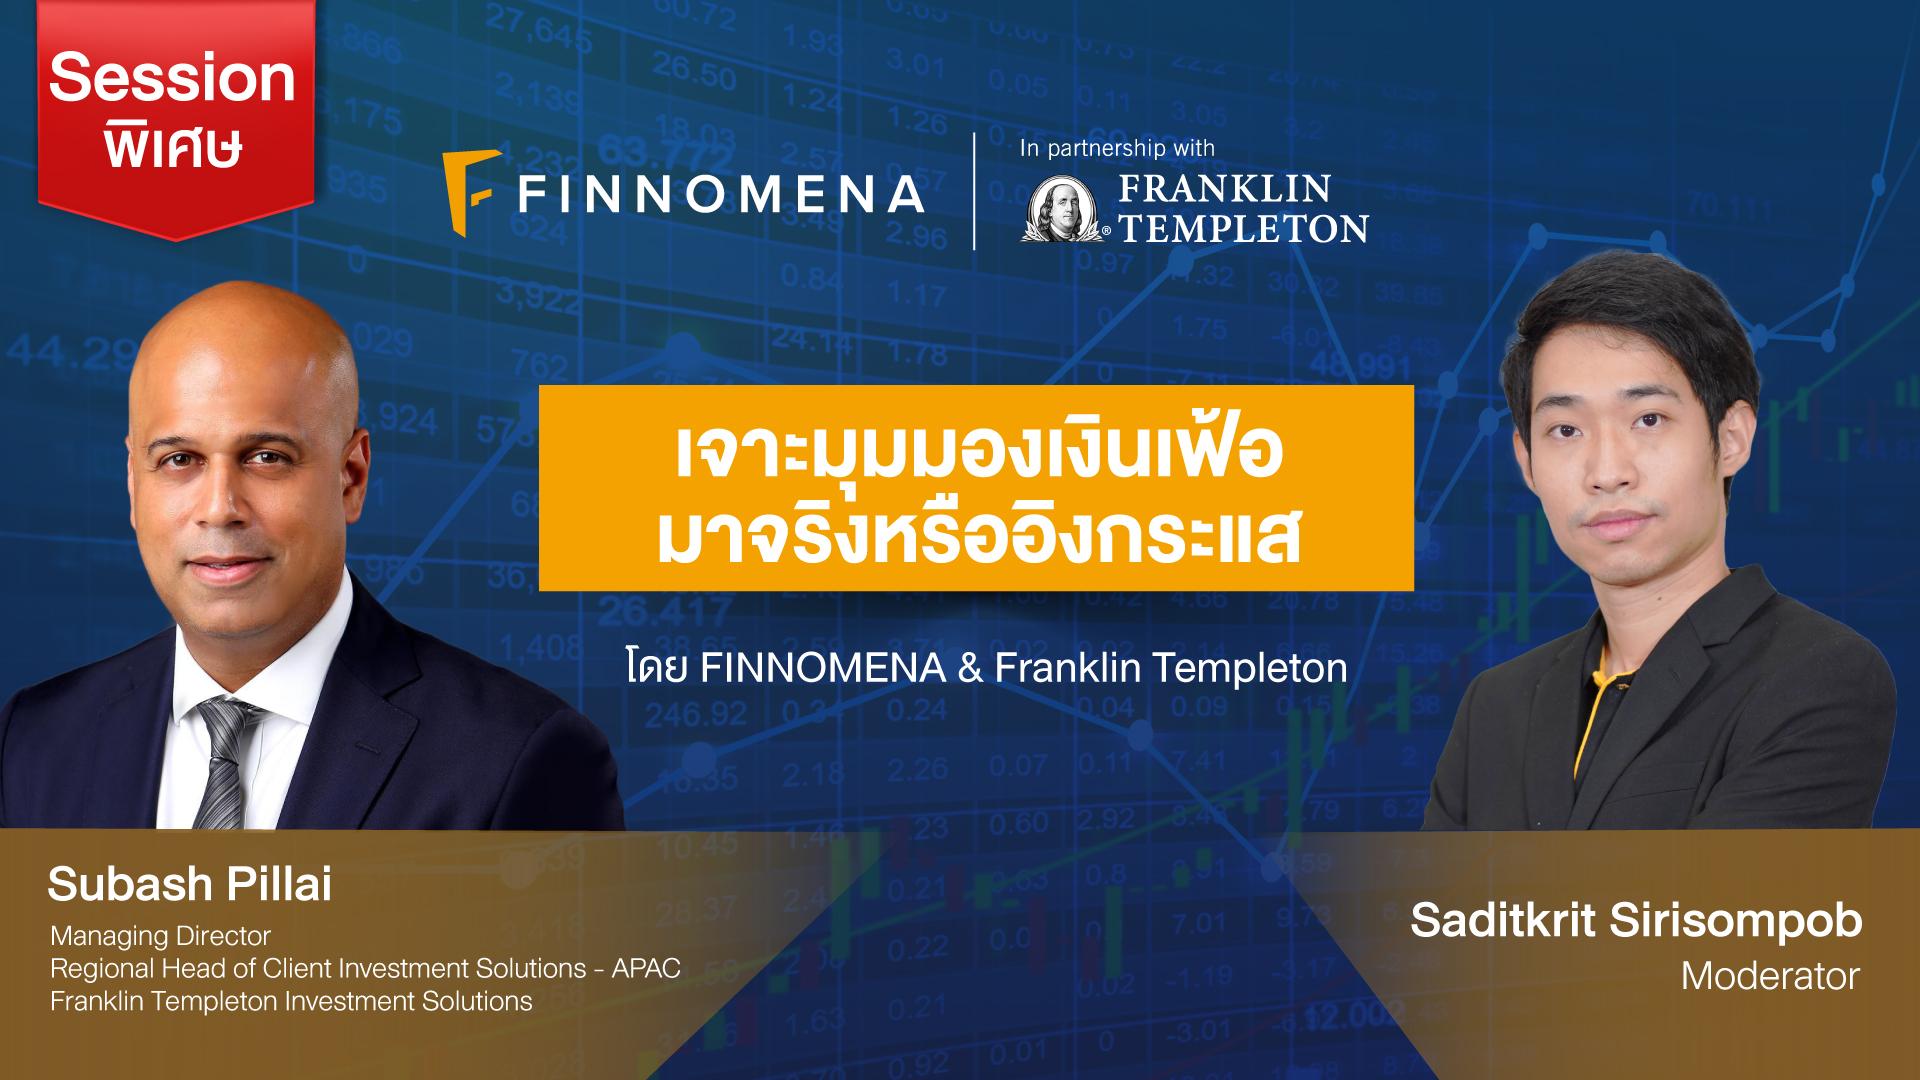 FINNOMENA x Franklin Templeton เจาะมุมมองเงินเฟ้อ มาจริงหรืออิงกระแส